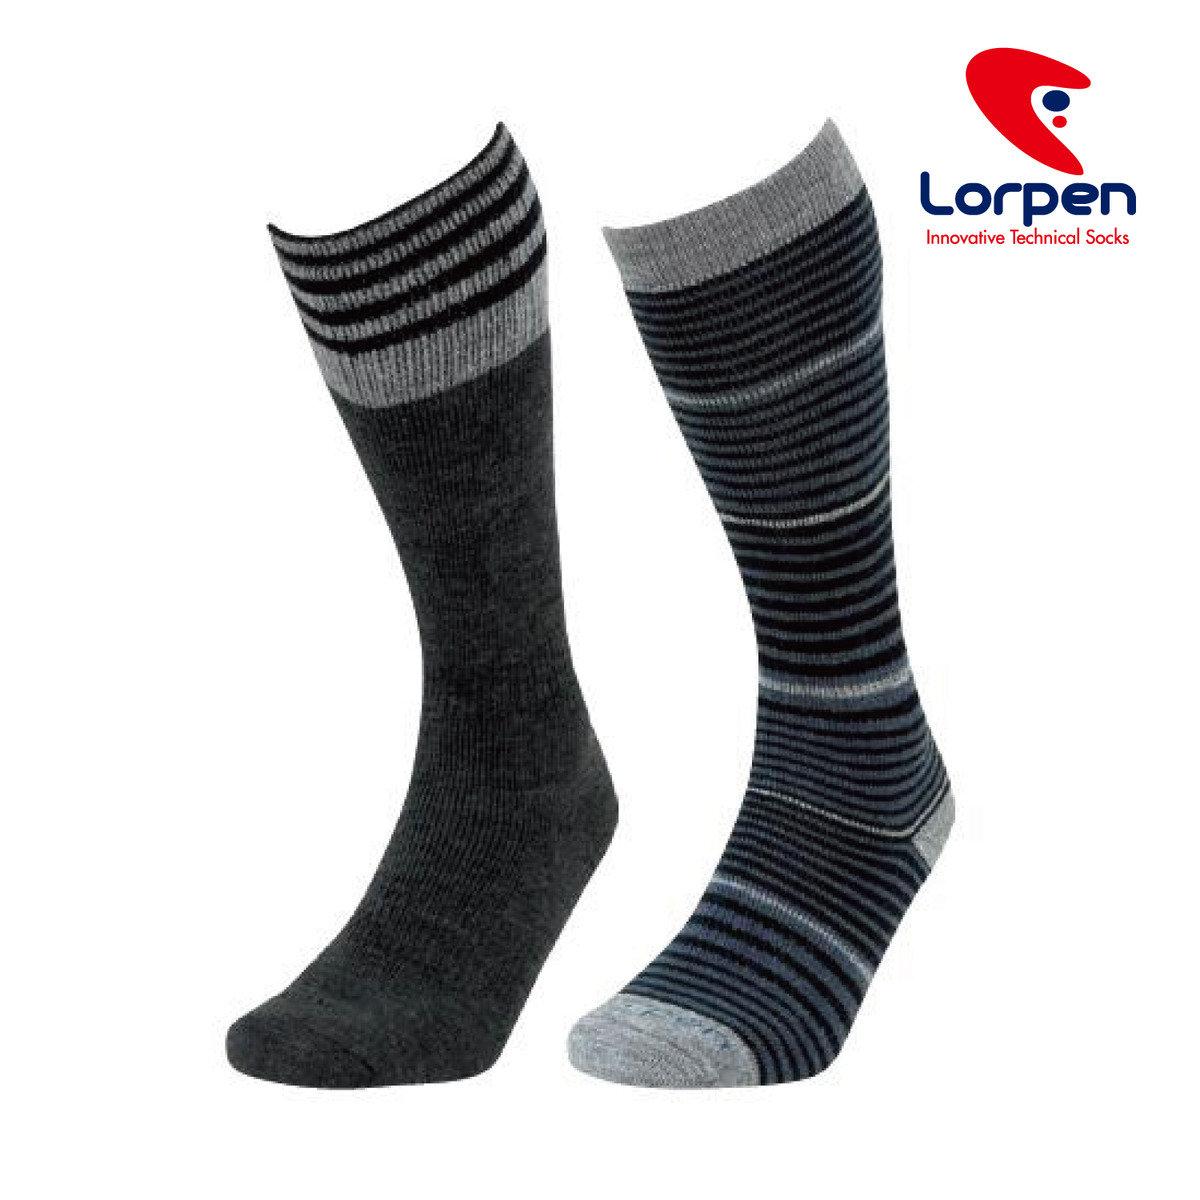 西班牙 Merino 美麗諾羊毛襪 - 2 對 S2WL967L